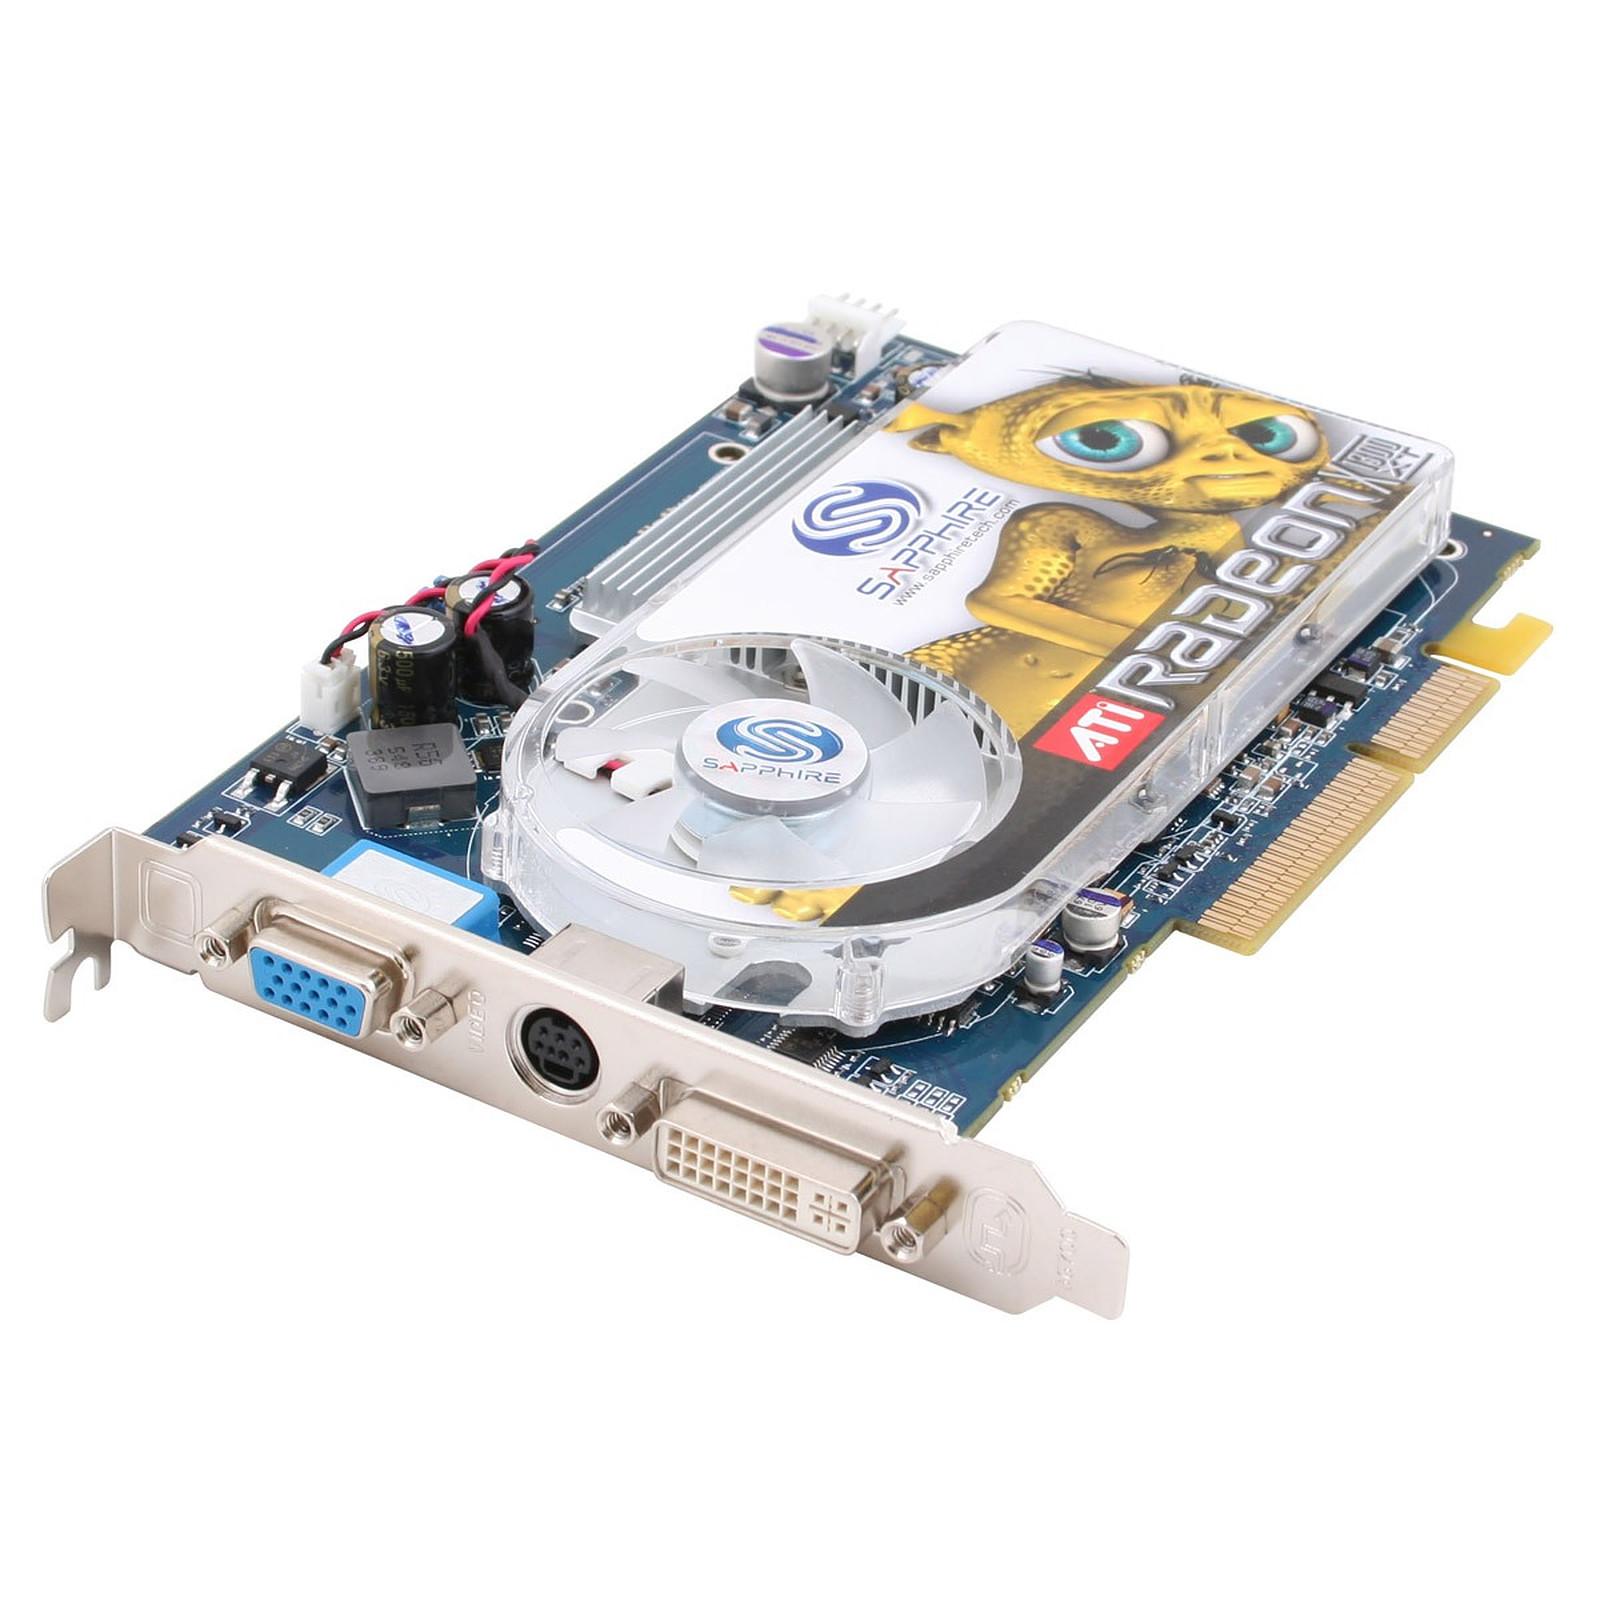 Sapphire Radeon X1300 XT 256 MB